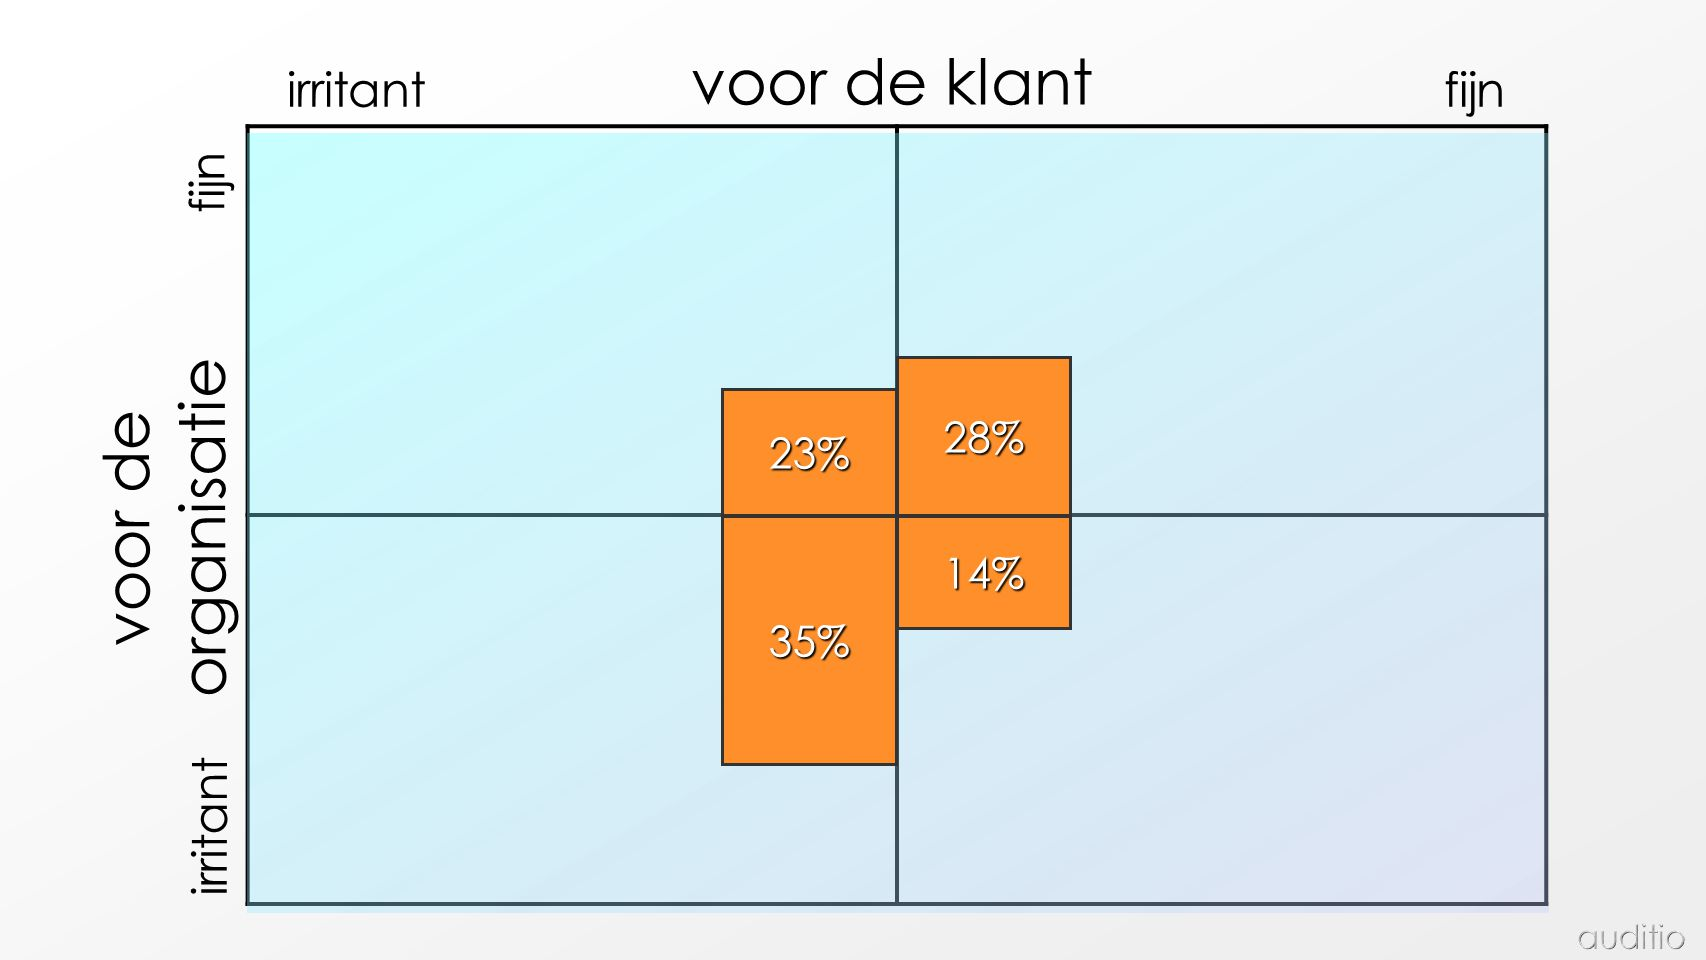 voor de klant organisatie voor de irritant fijn fijn irritant 28% 23%